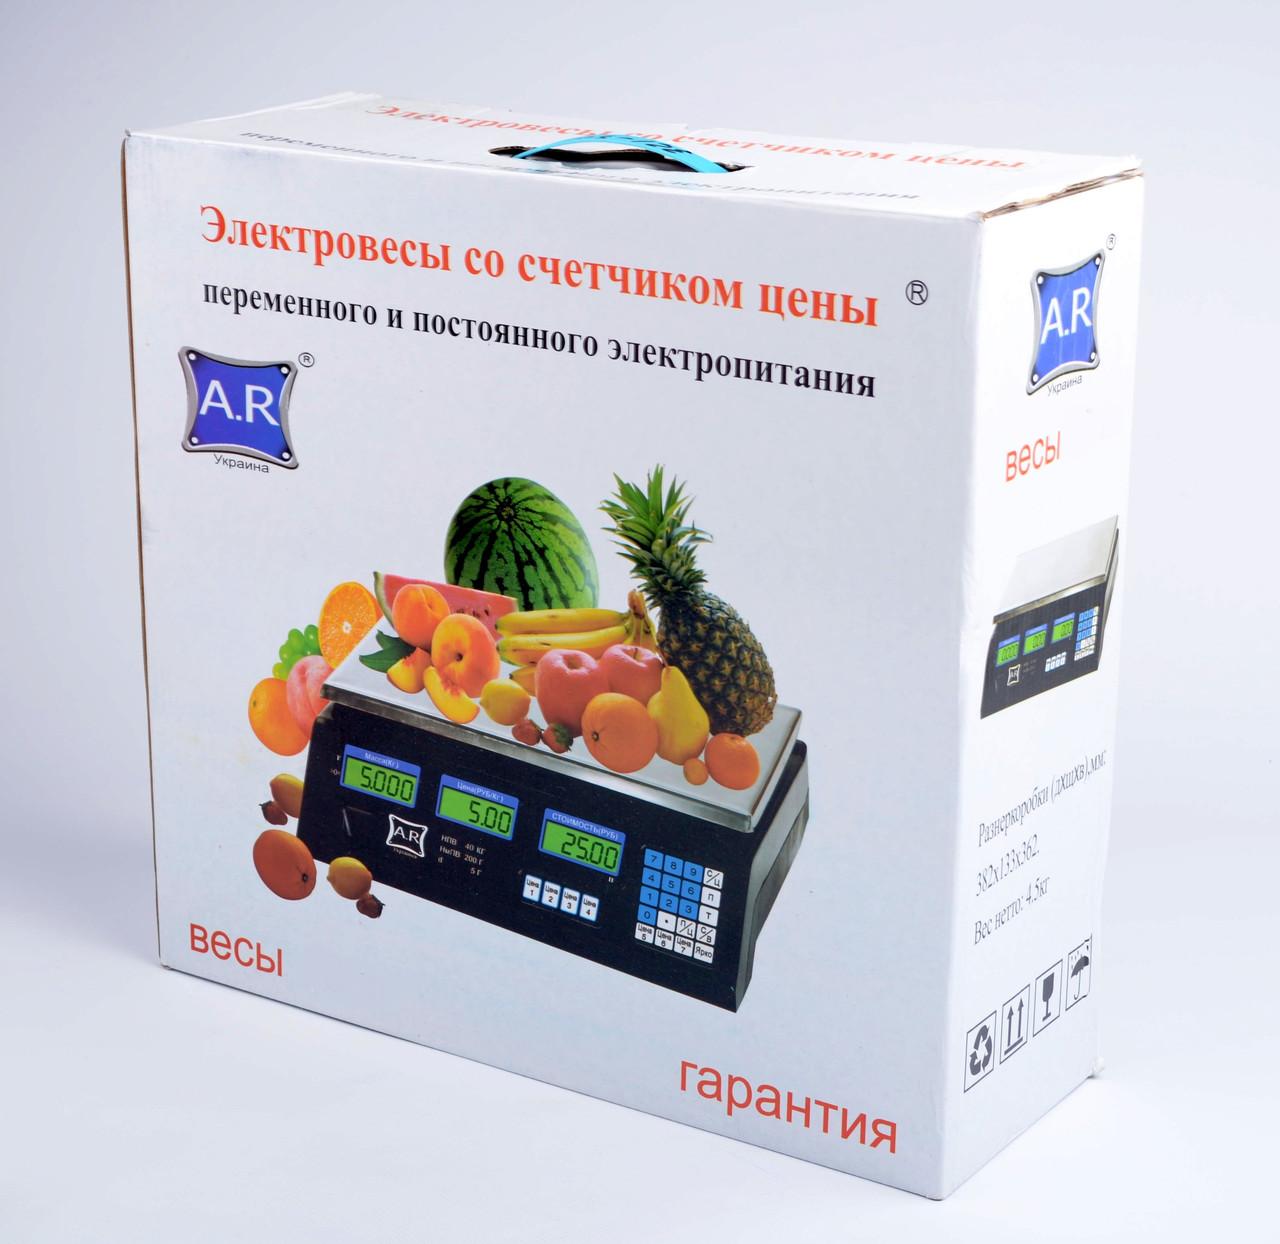 Весы торговые электронные AR Украина на 50 кг 6V